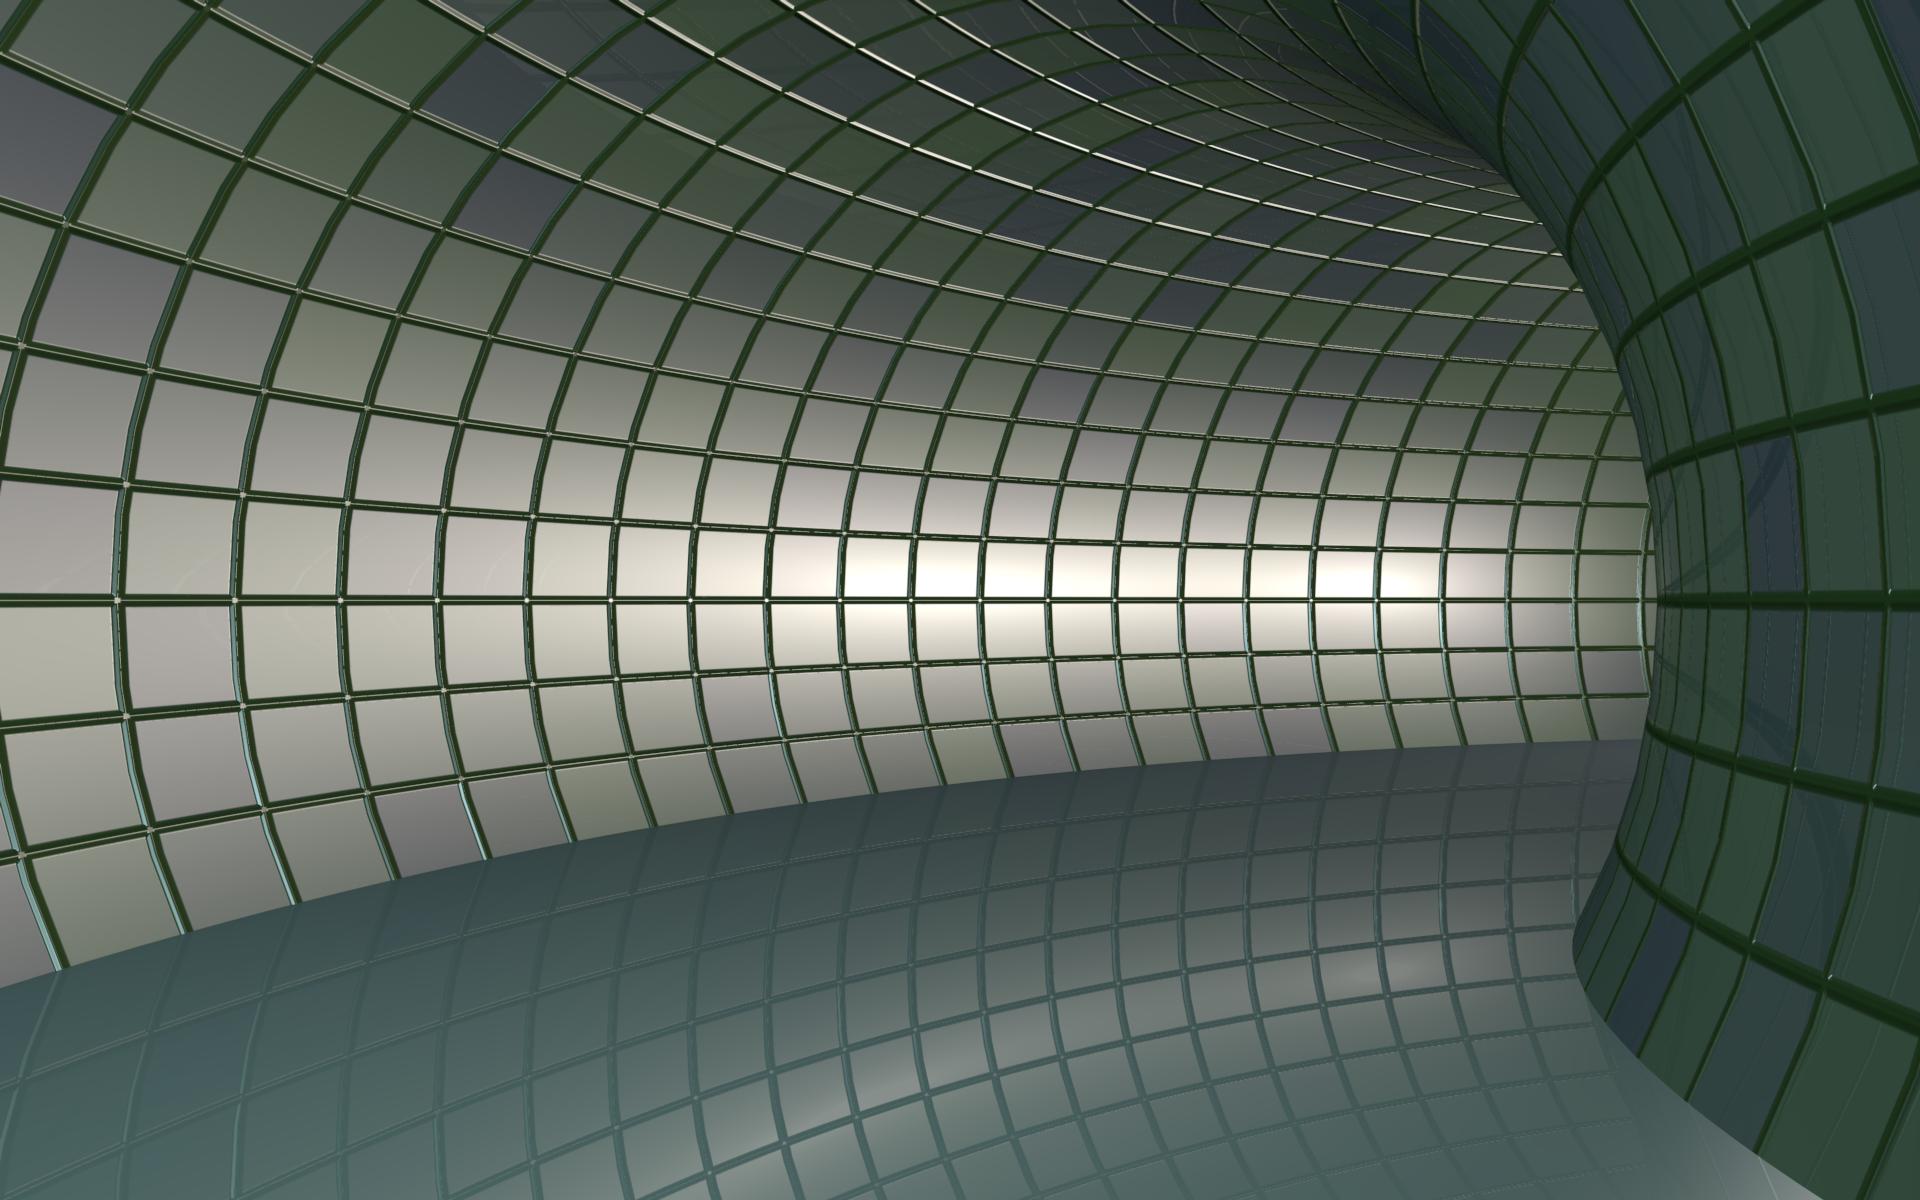 tunnelr